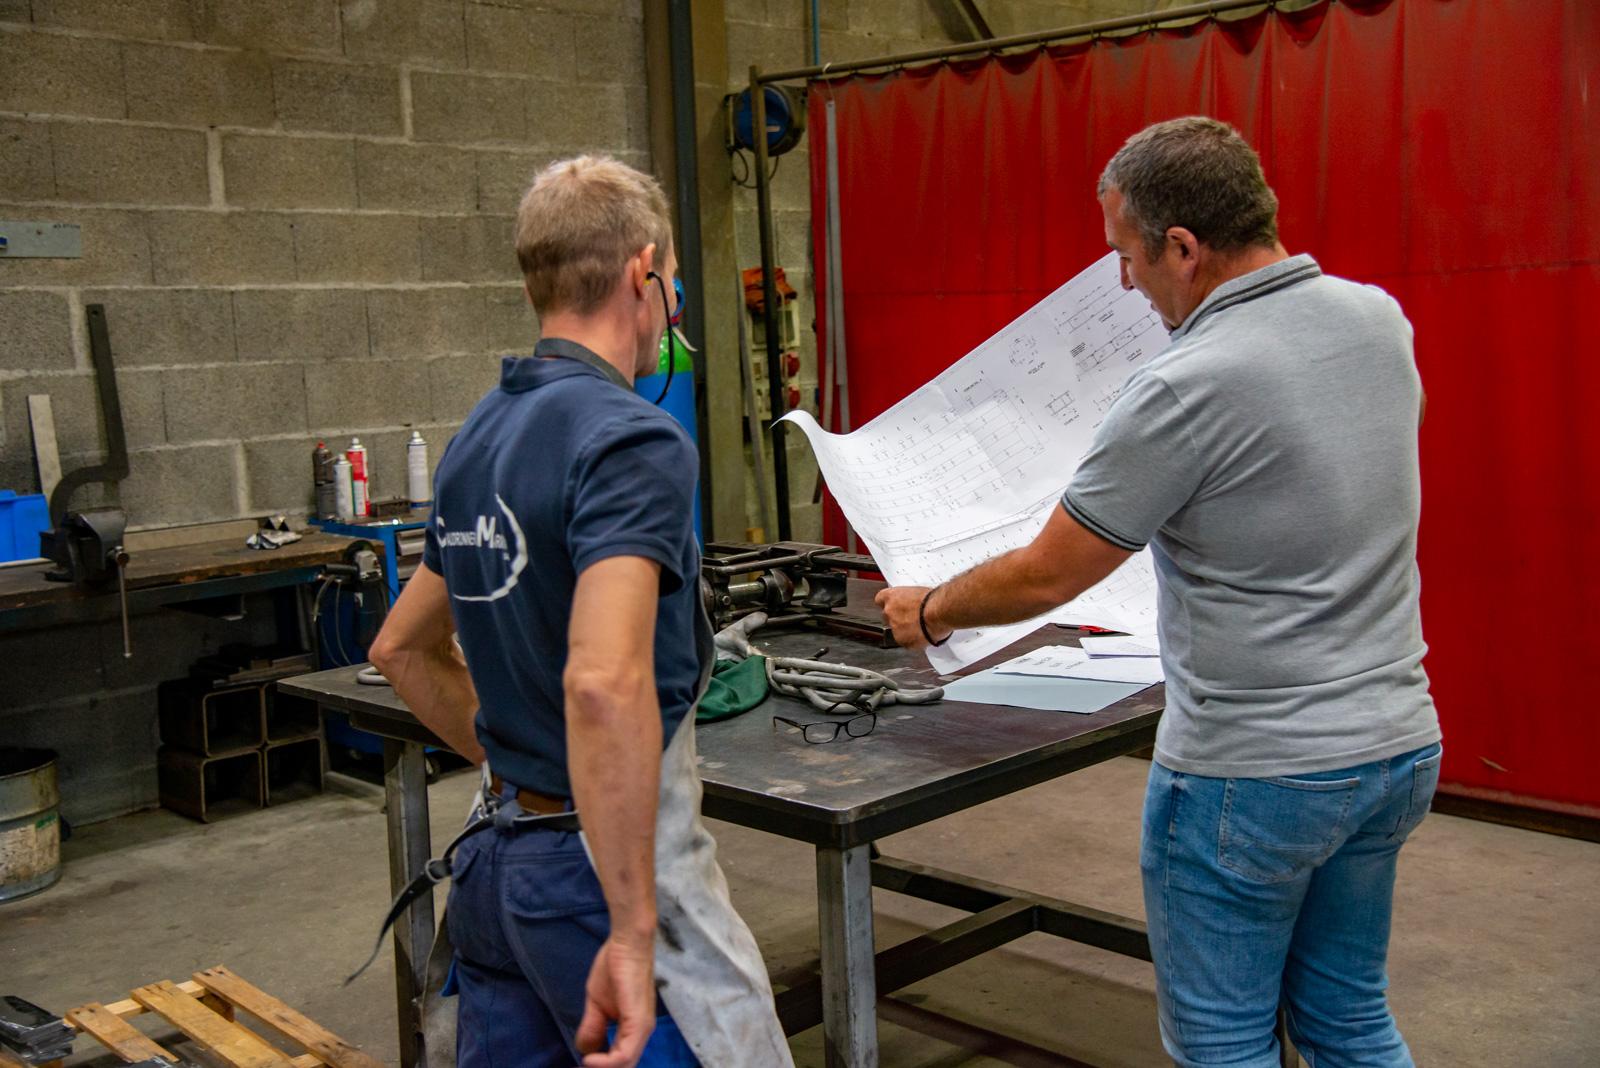 2 employés de la chaudronnerie Marmonier regardant le plan de construction d'un four en inox